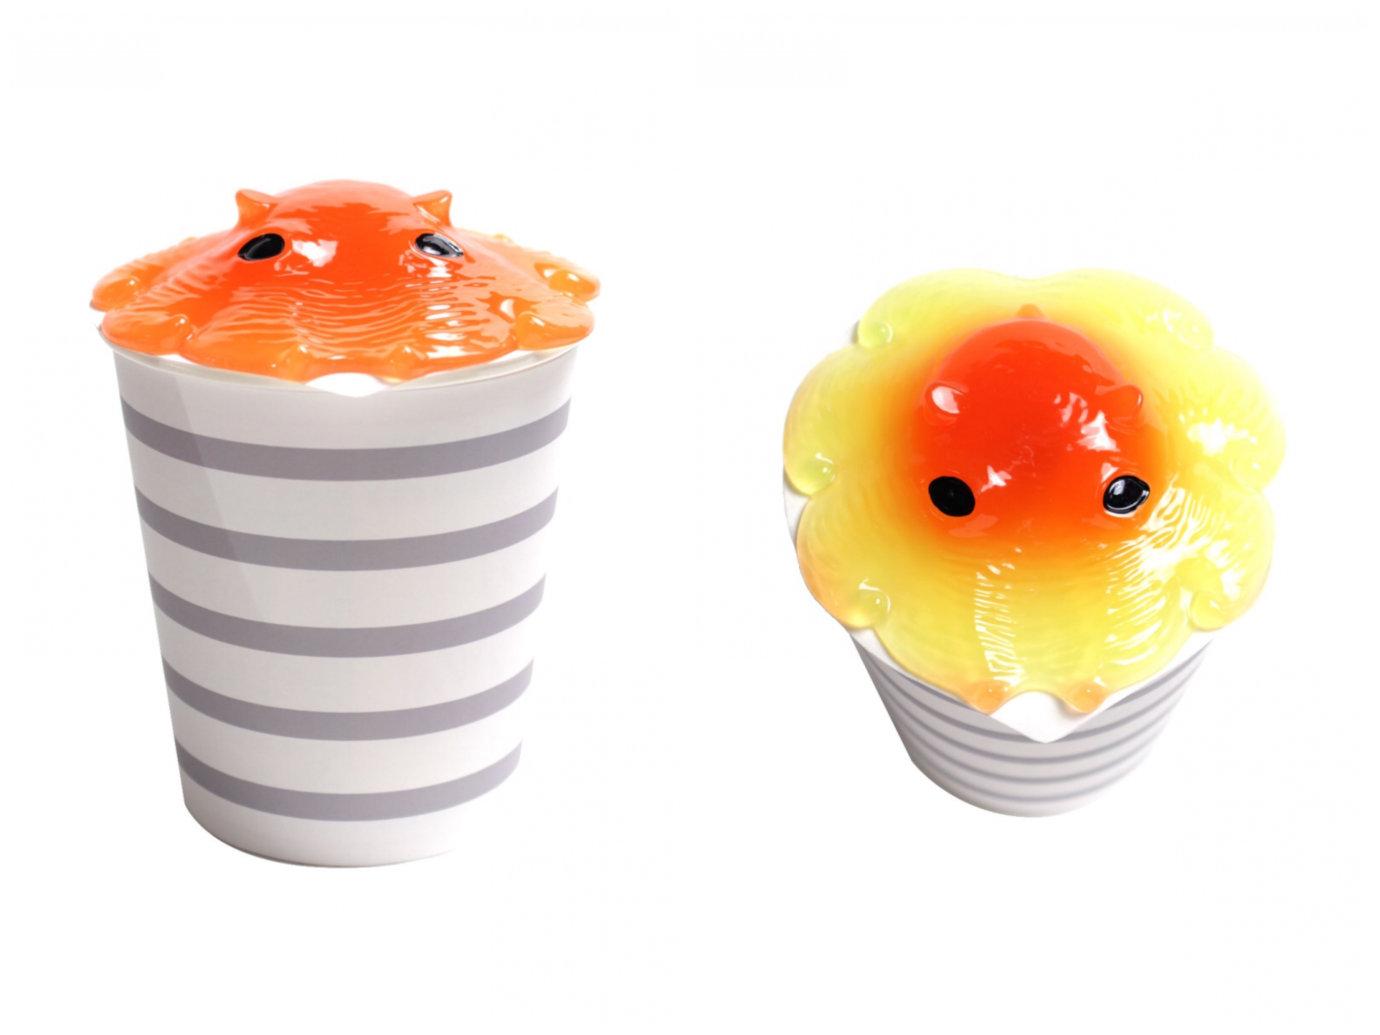 カップメンダコミニ オレンジサンライズ